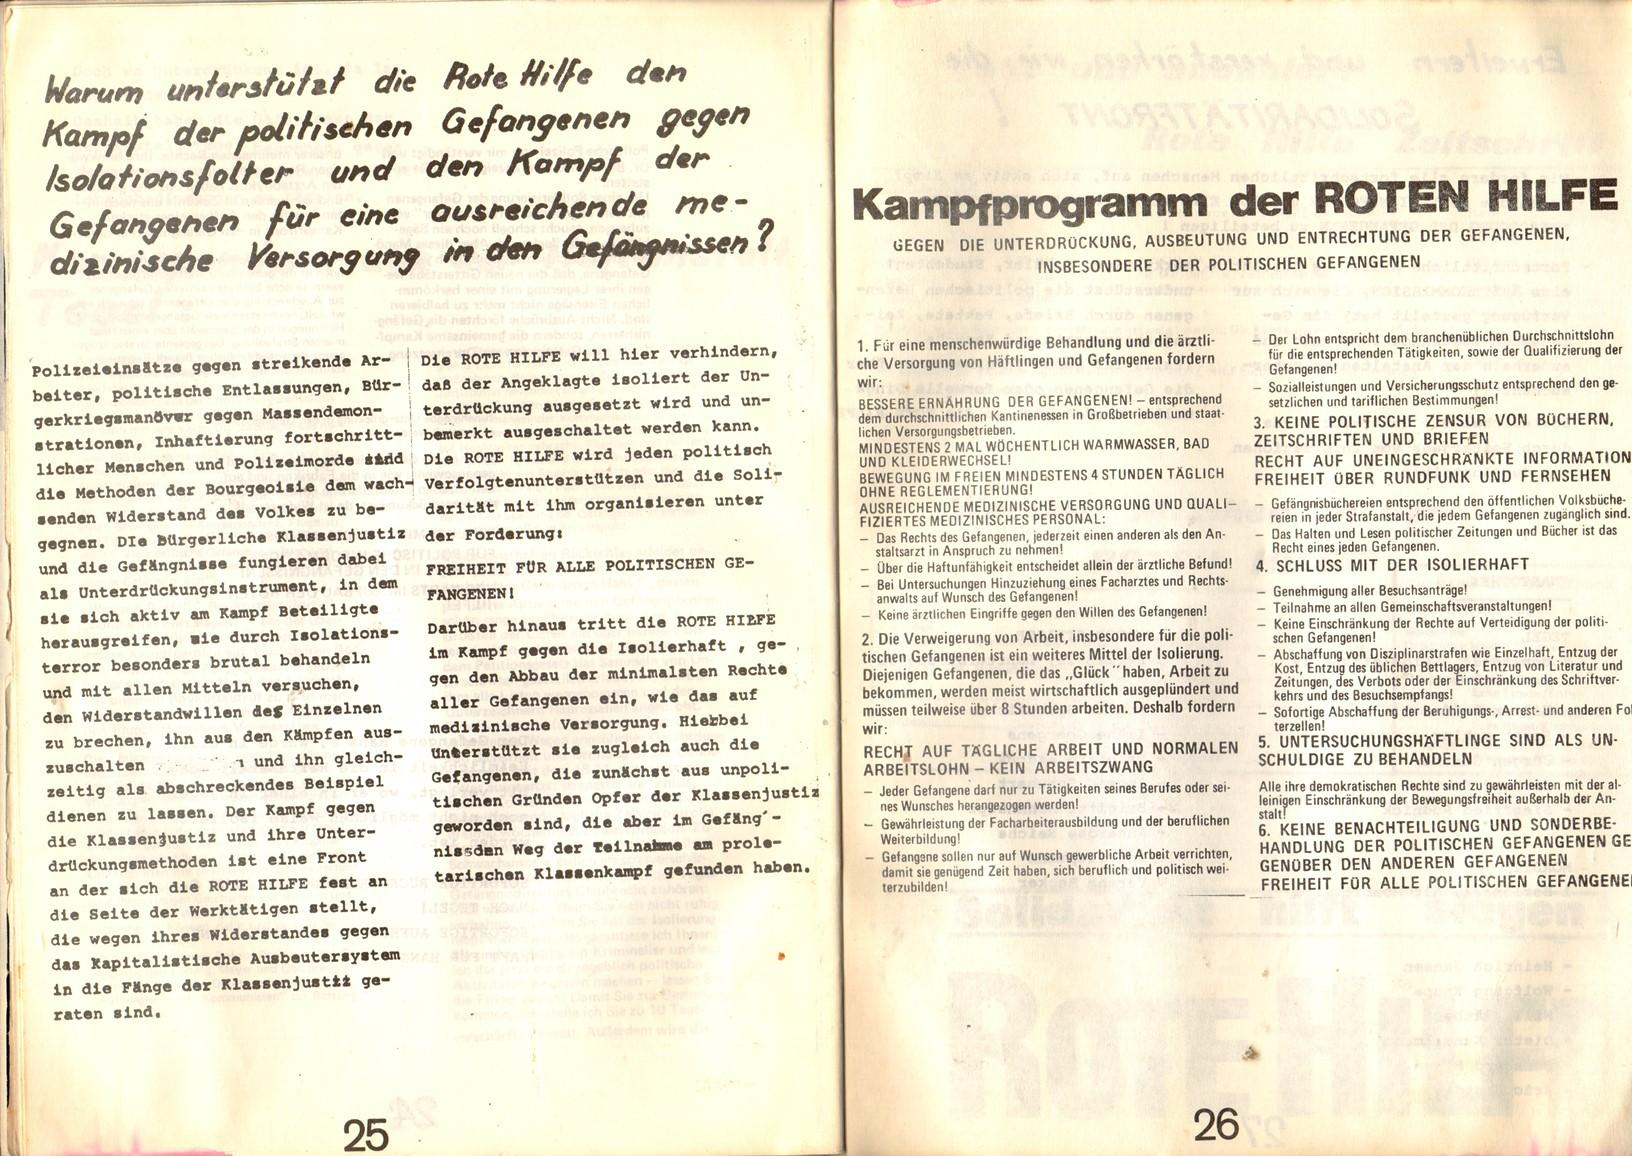 Berlin_RHeV_1974_Schluss_mit_der_Isolationsfolter_14